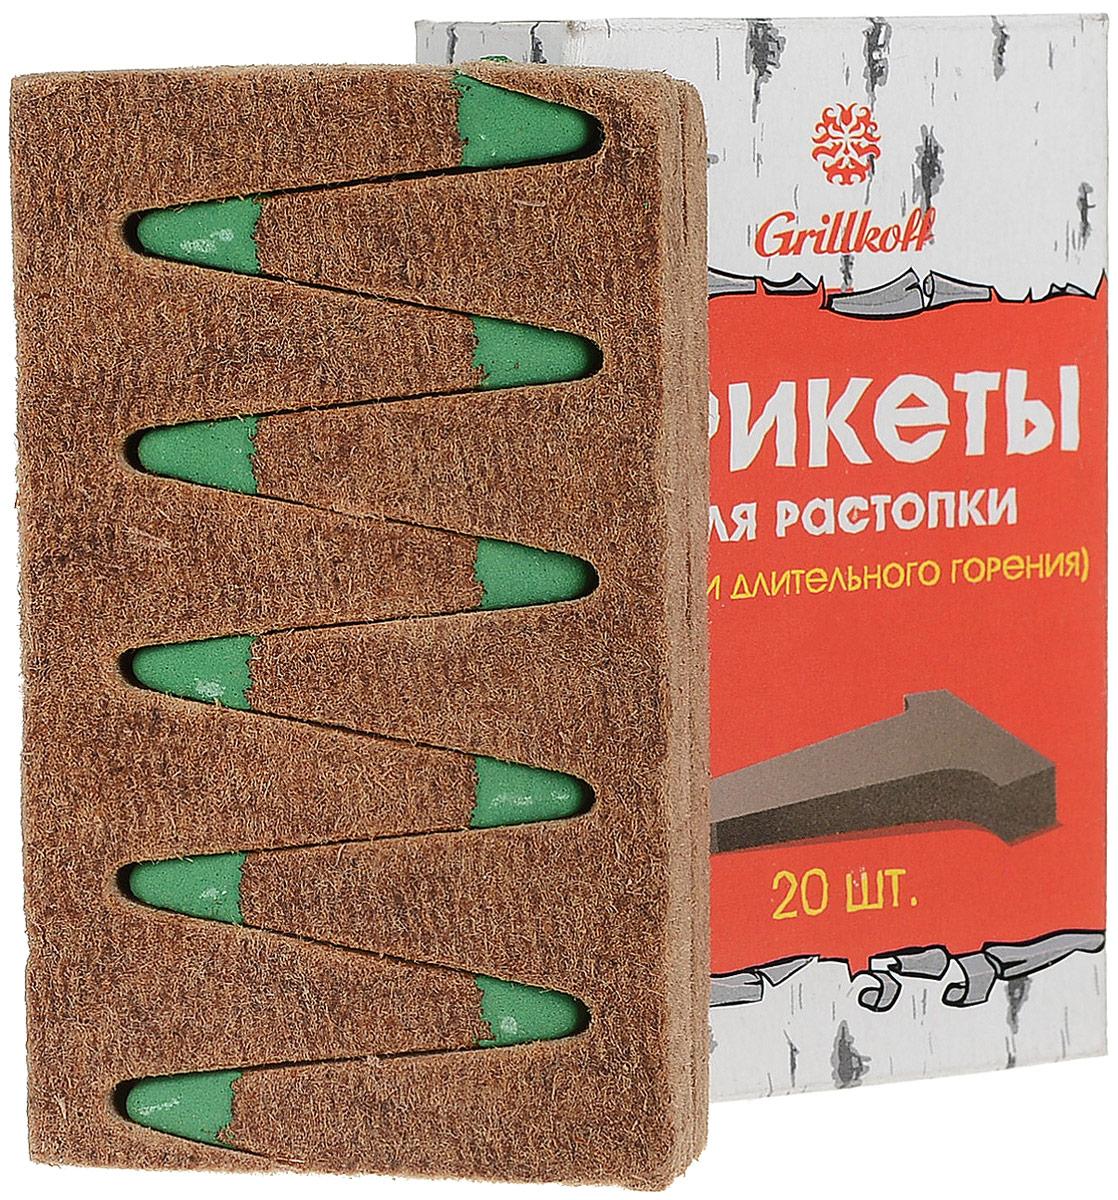 Брикеты для растопки Грилькофф, 20 шт брикеты для растопки грилькофф 20 шт